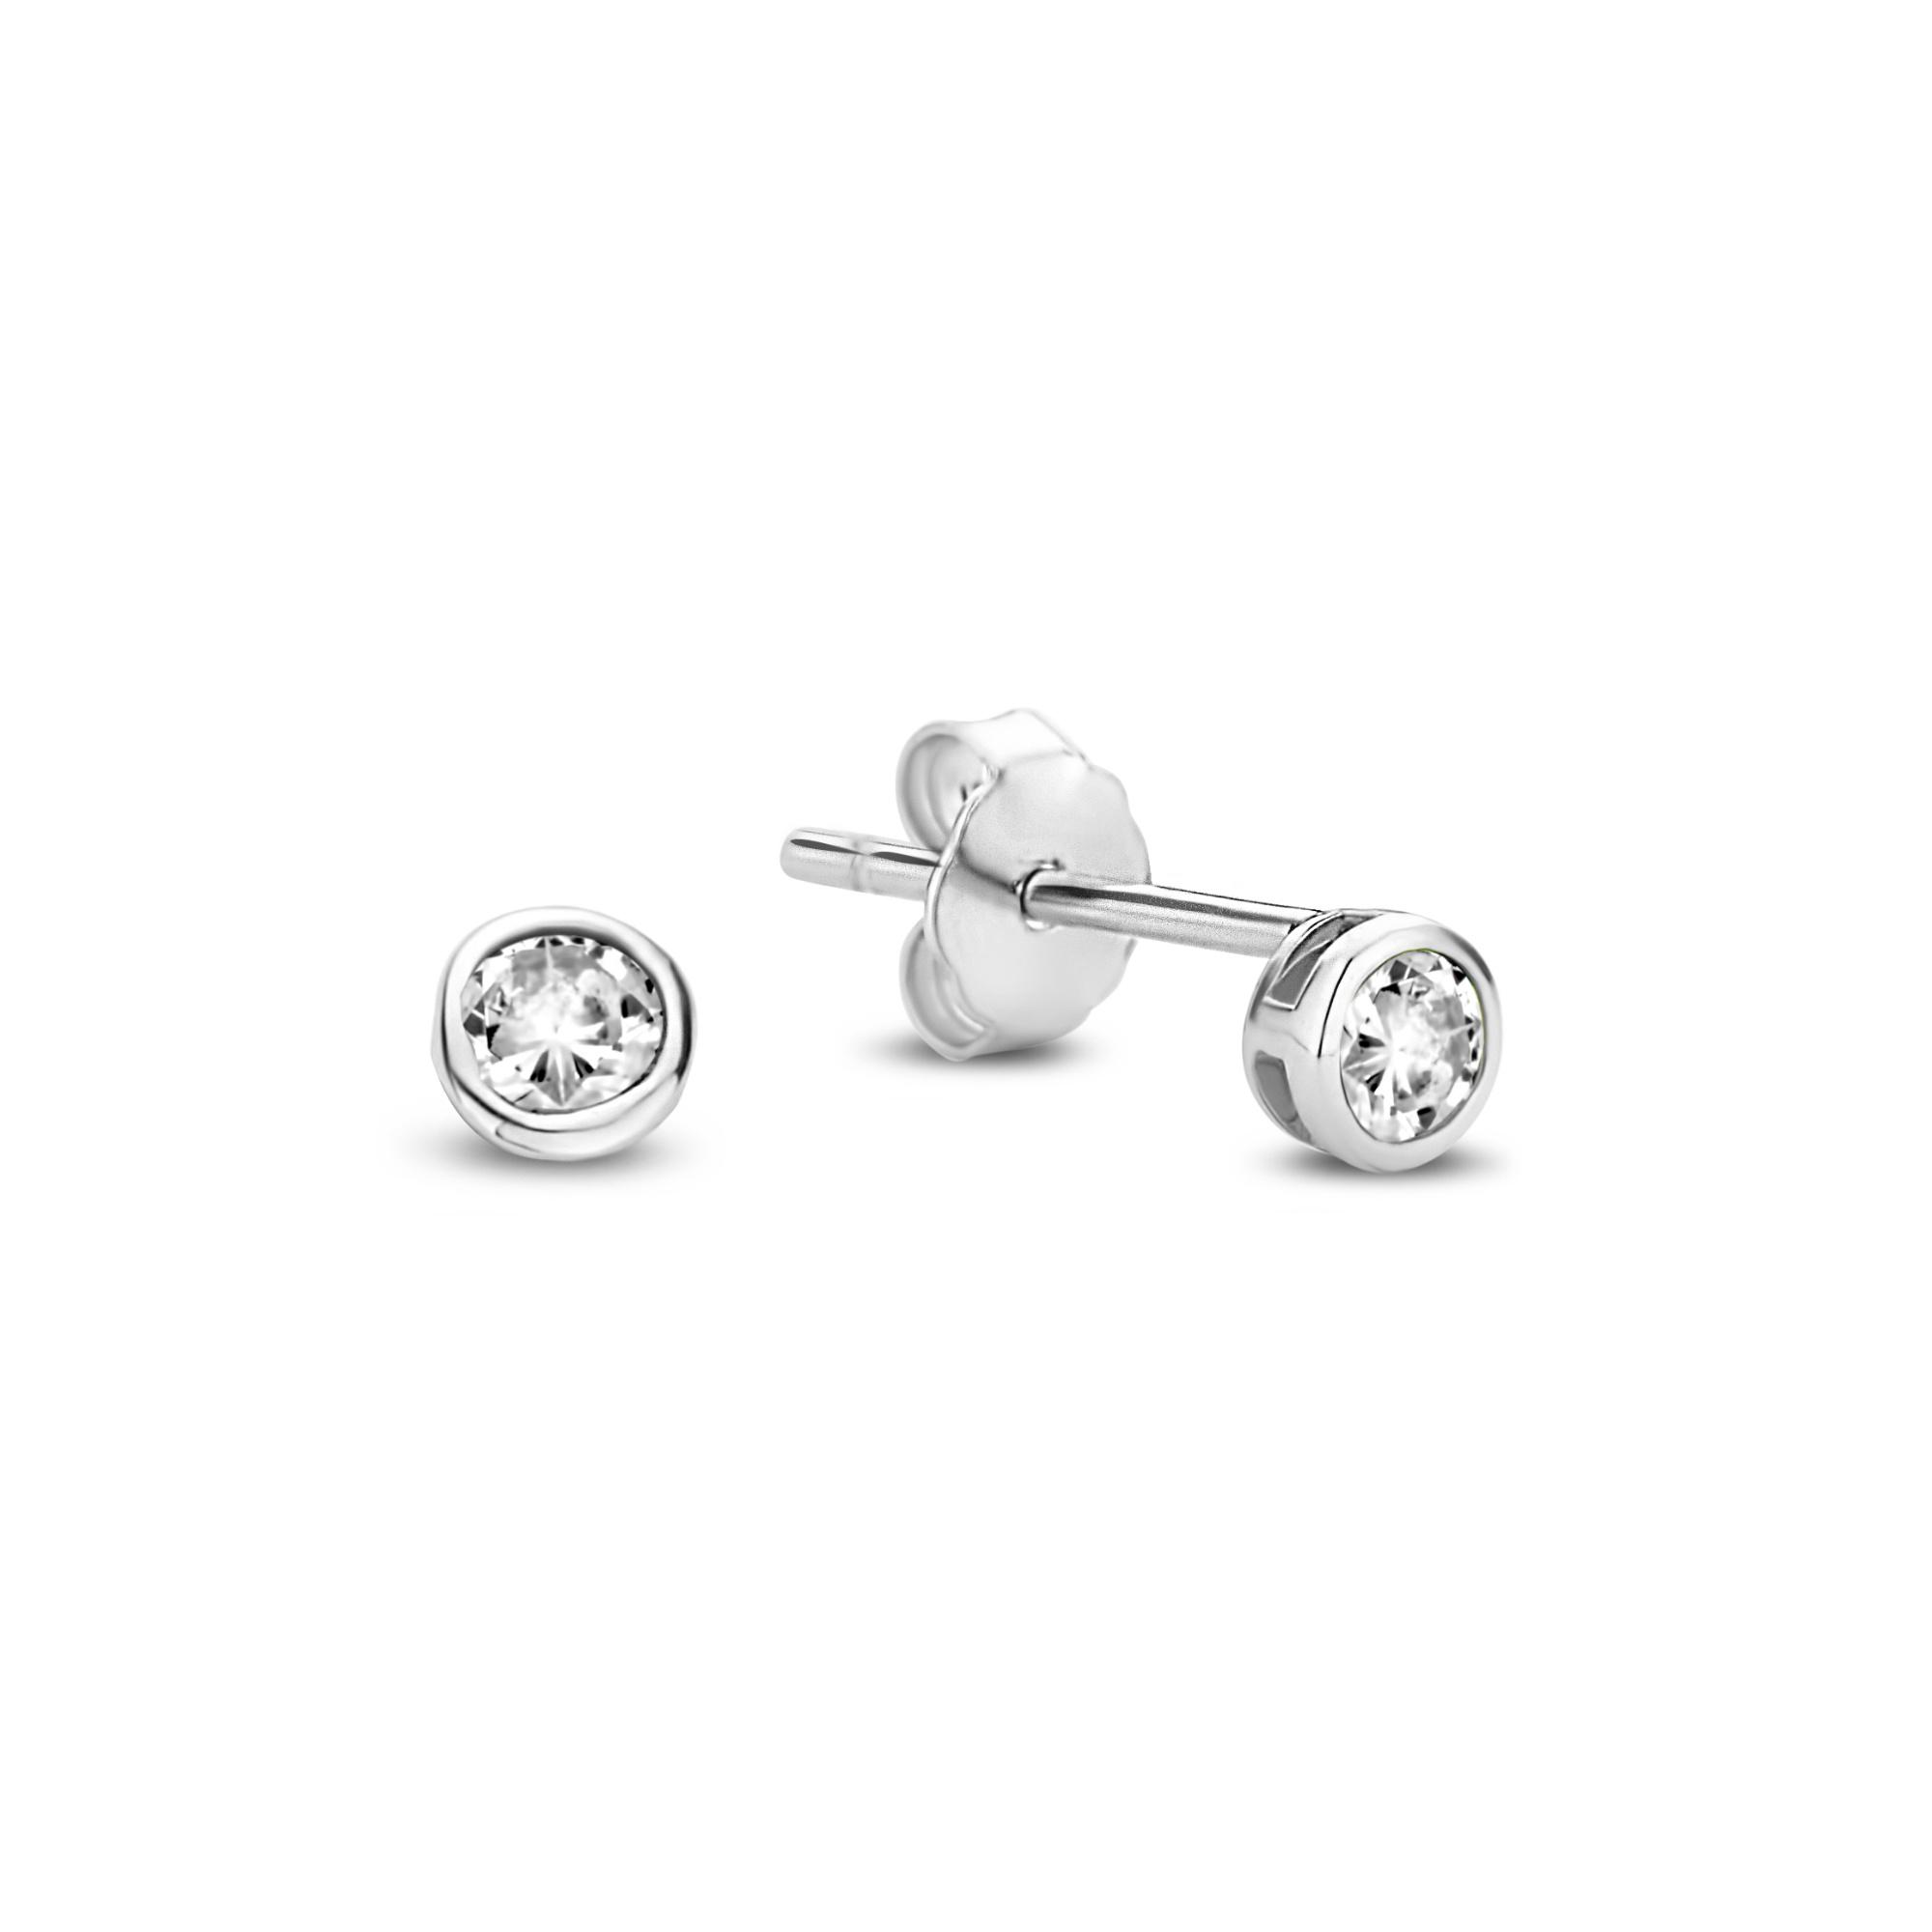 Violet Hamden Venus clous d'oreilles en argent sterling 925 avec pierre de naissance